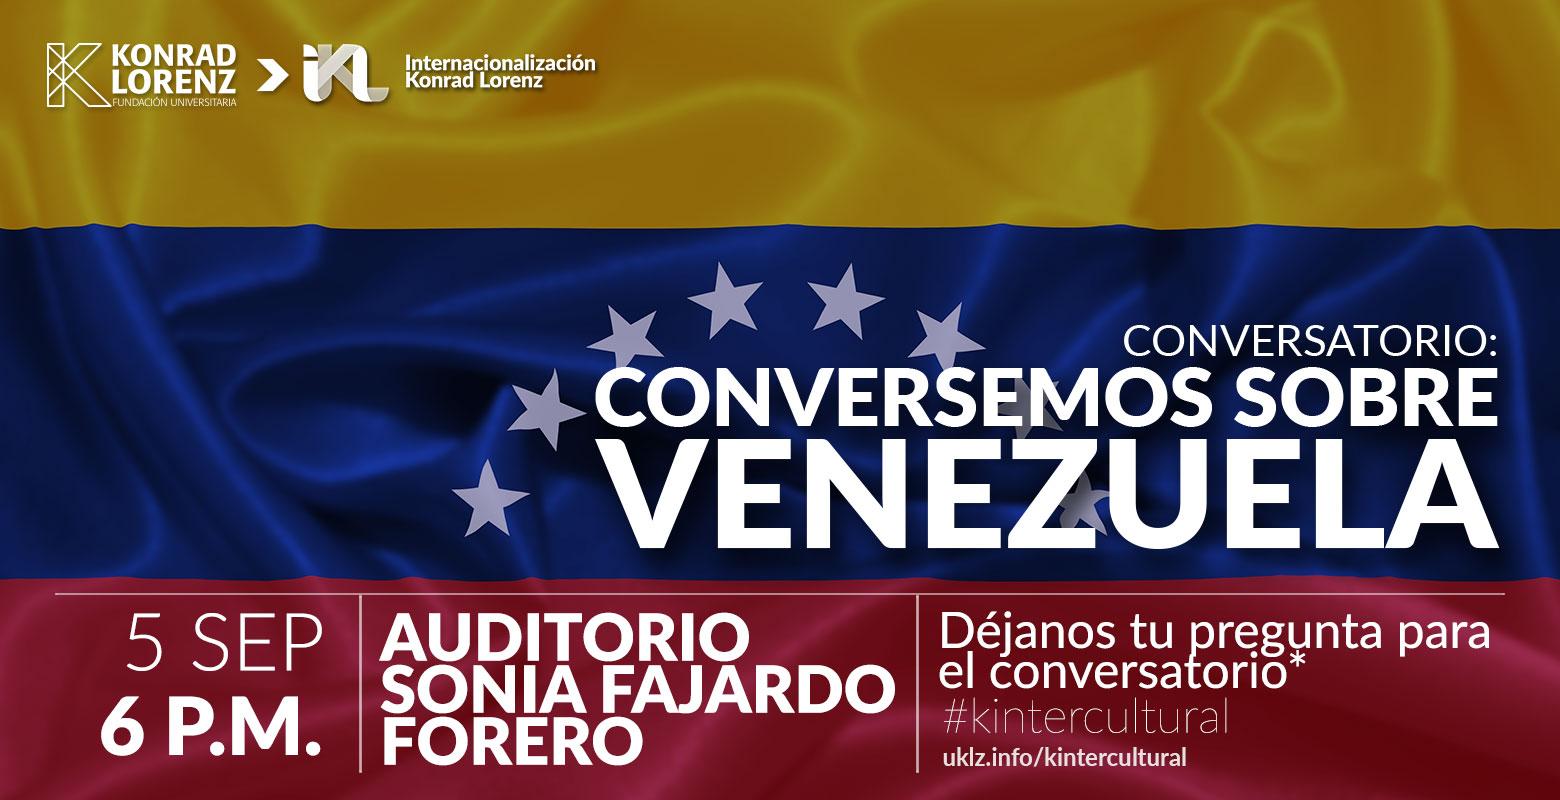 Conversatorio: conversemos sobre Venezuela